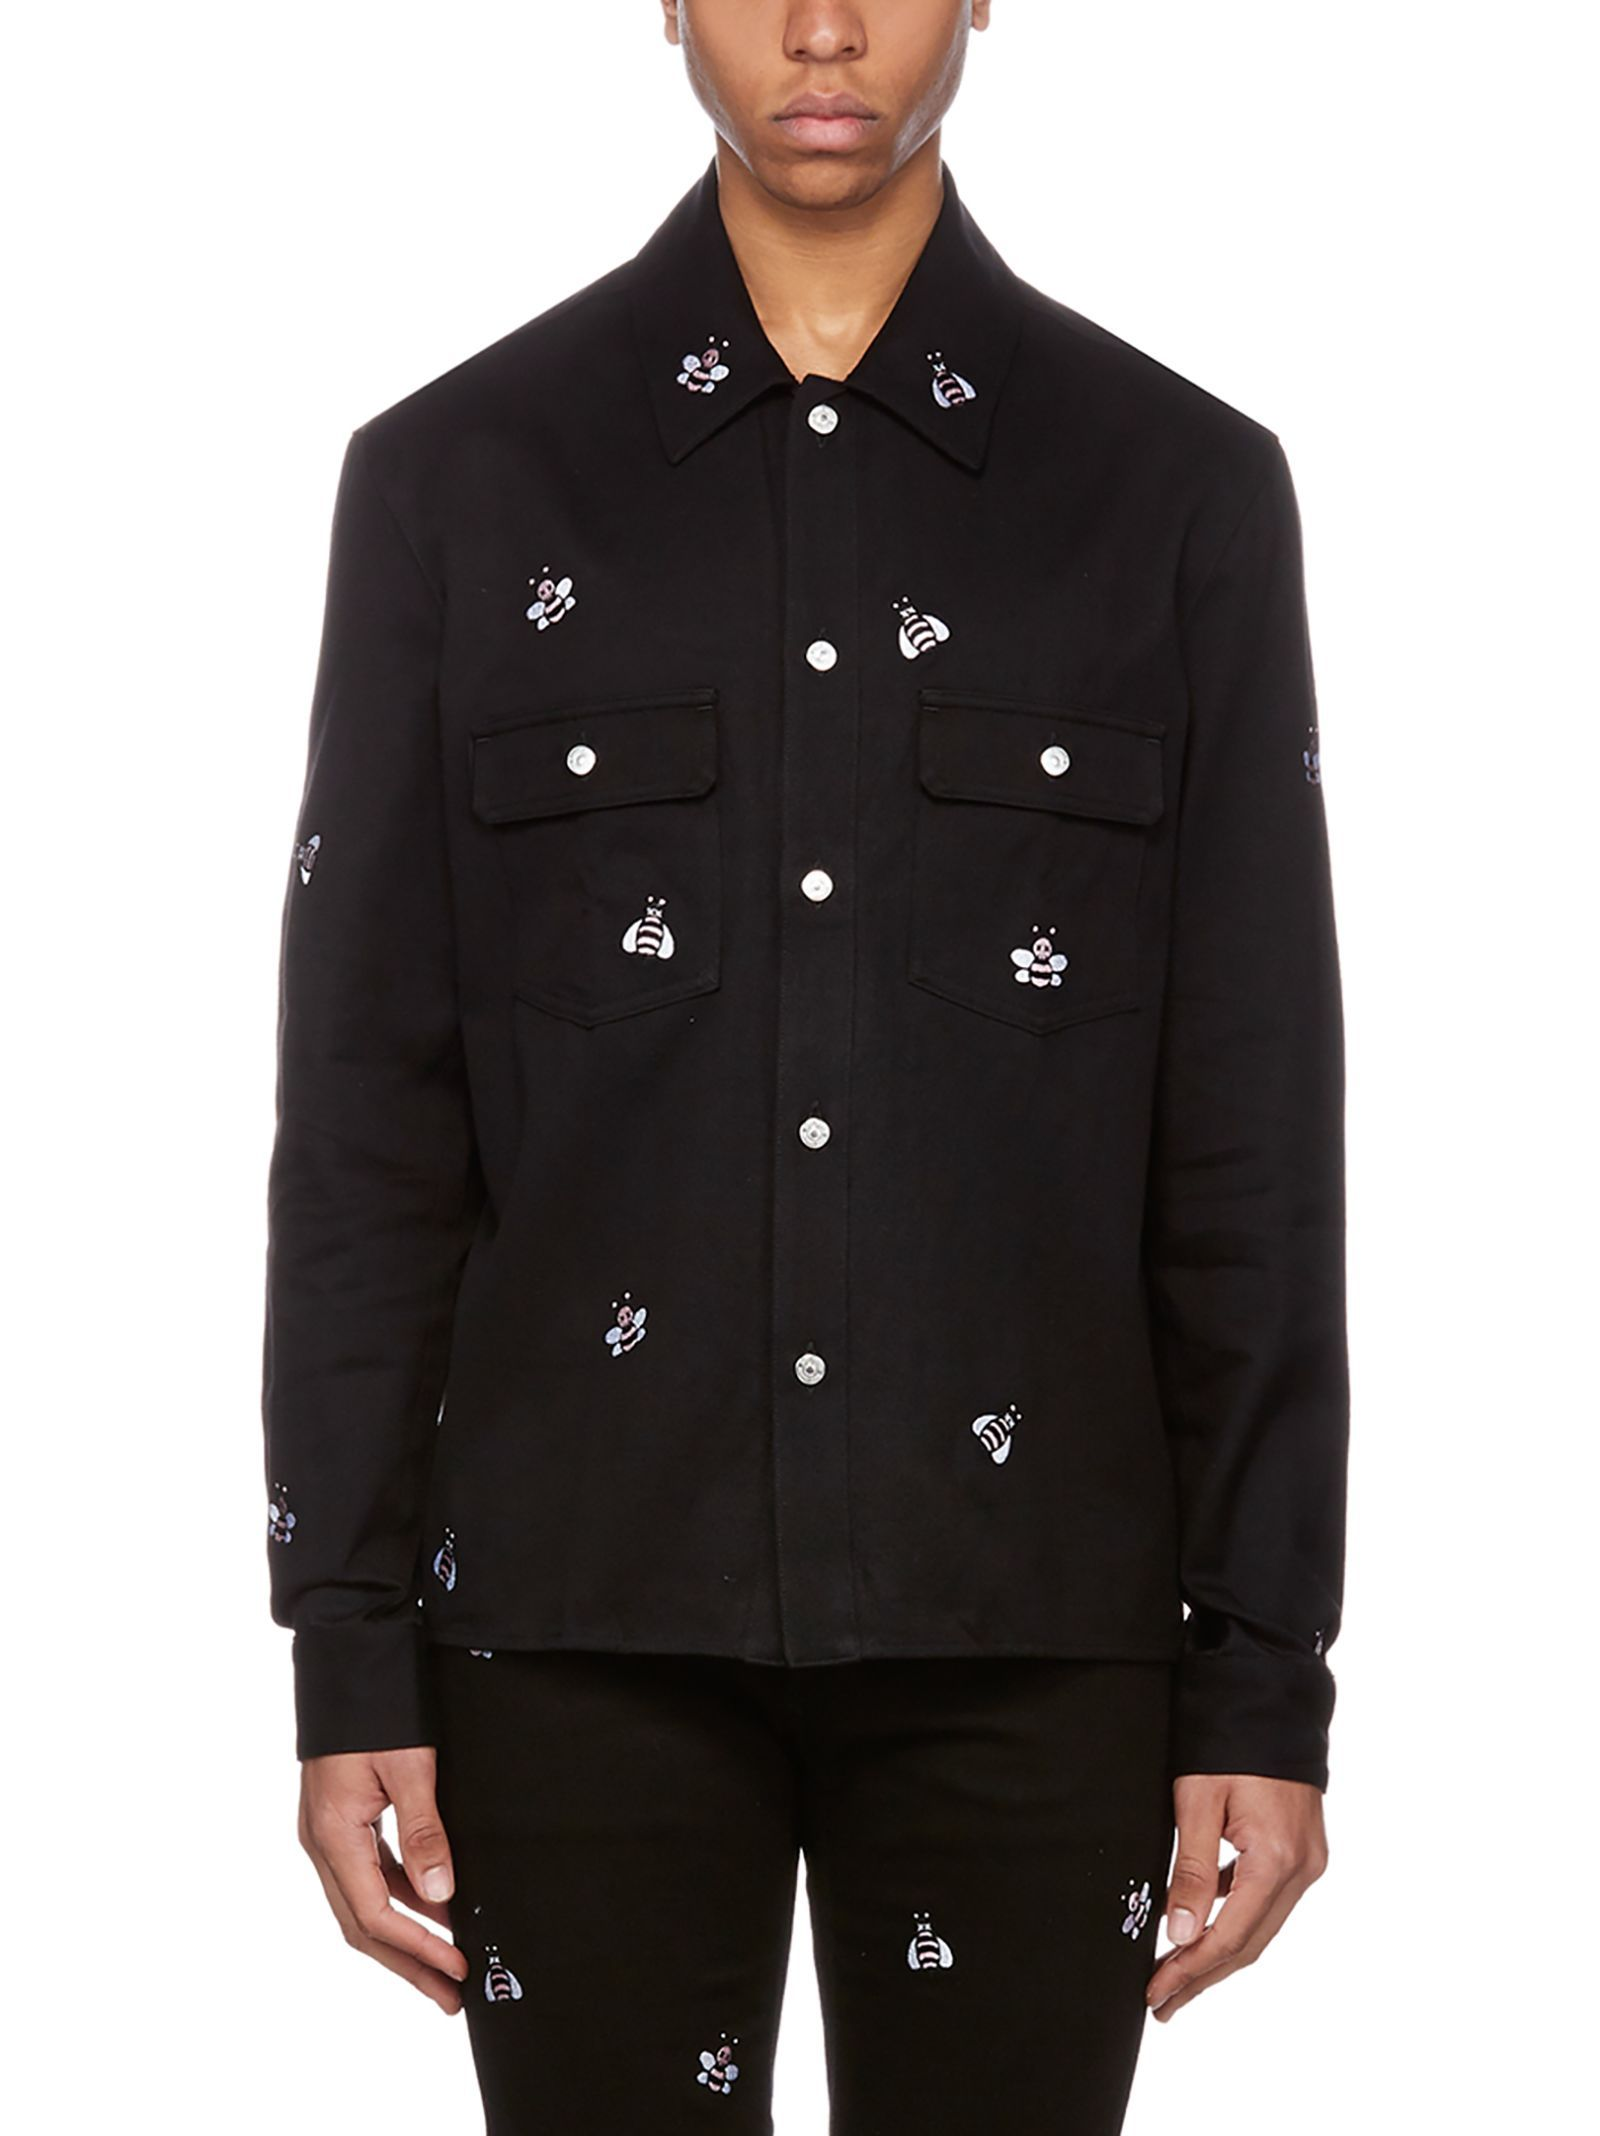 Dior Shirt In Nero Modesens Embroidered Denim Jacket Embroidered Denim Dior Shirt [ 2136 x 1600 Pixel ]